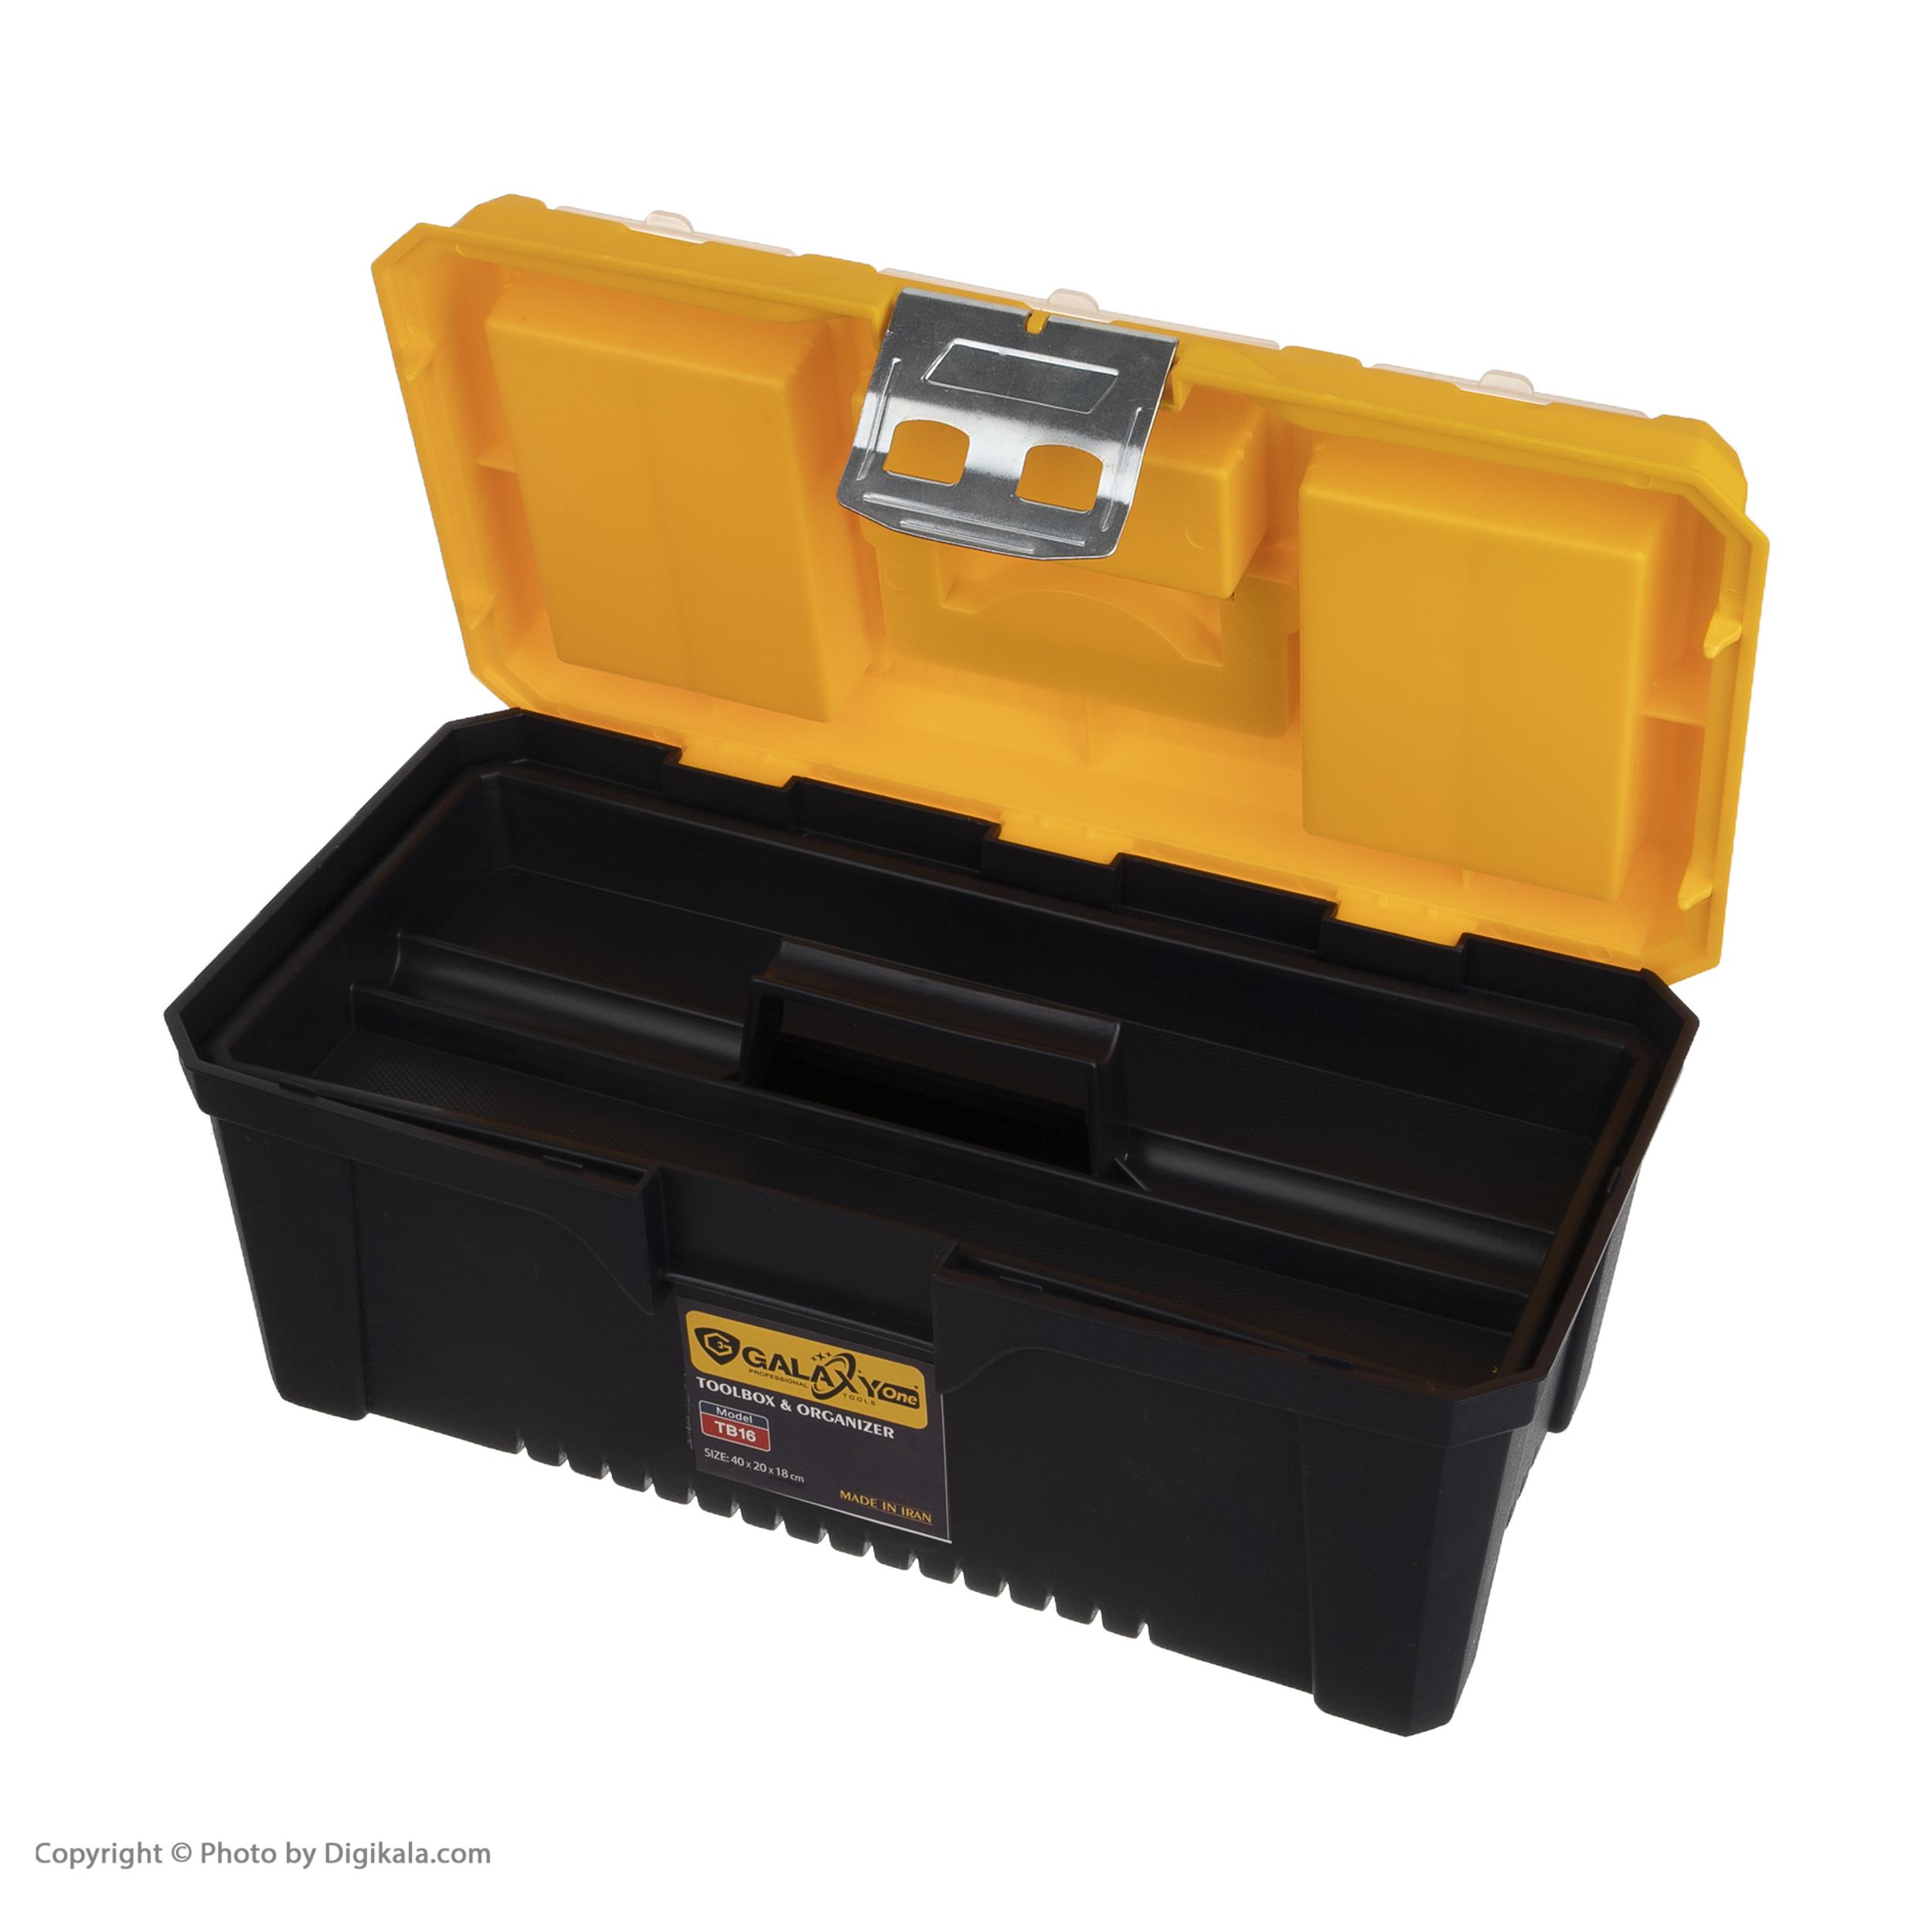 جعبه ابزار گلکسی وان مدل TB16 main 1 4